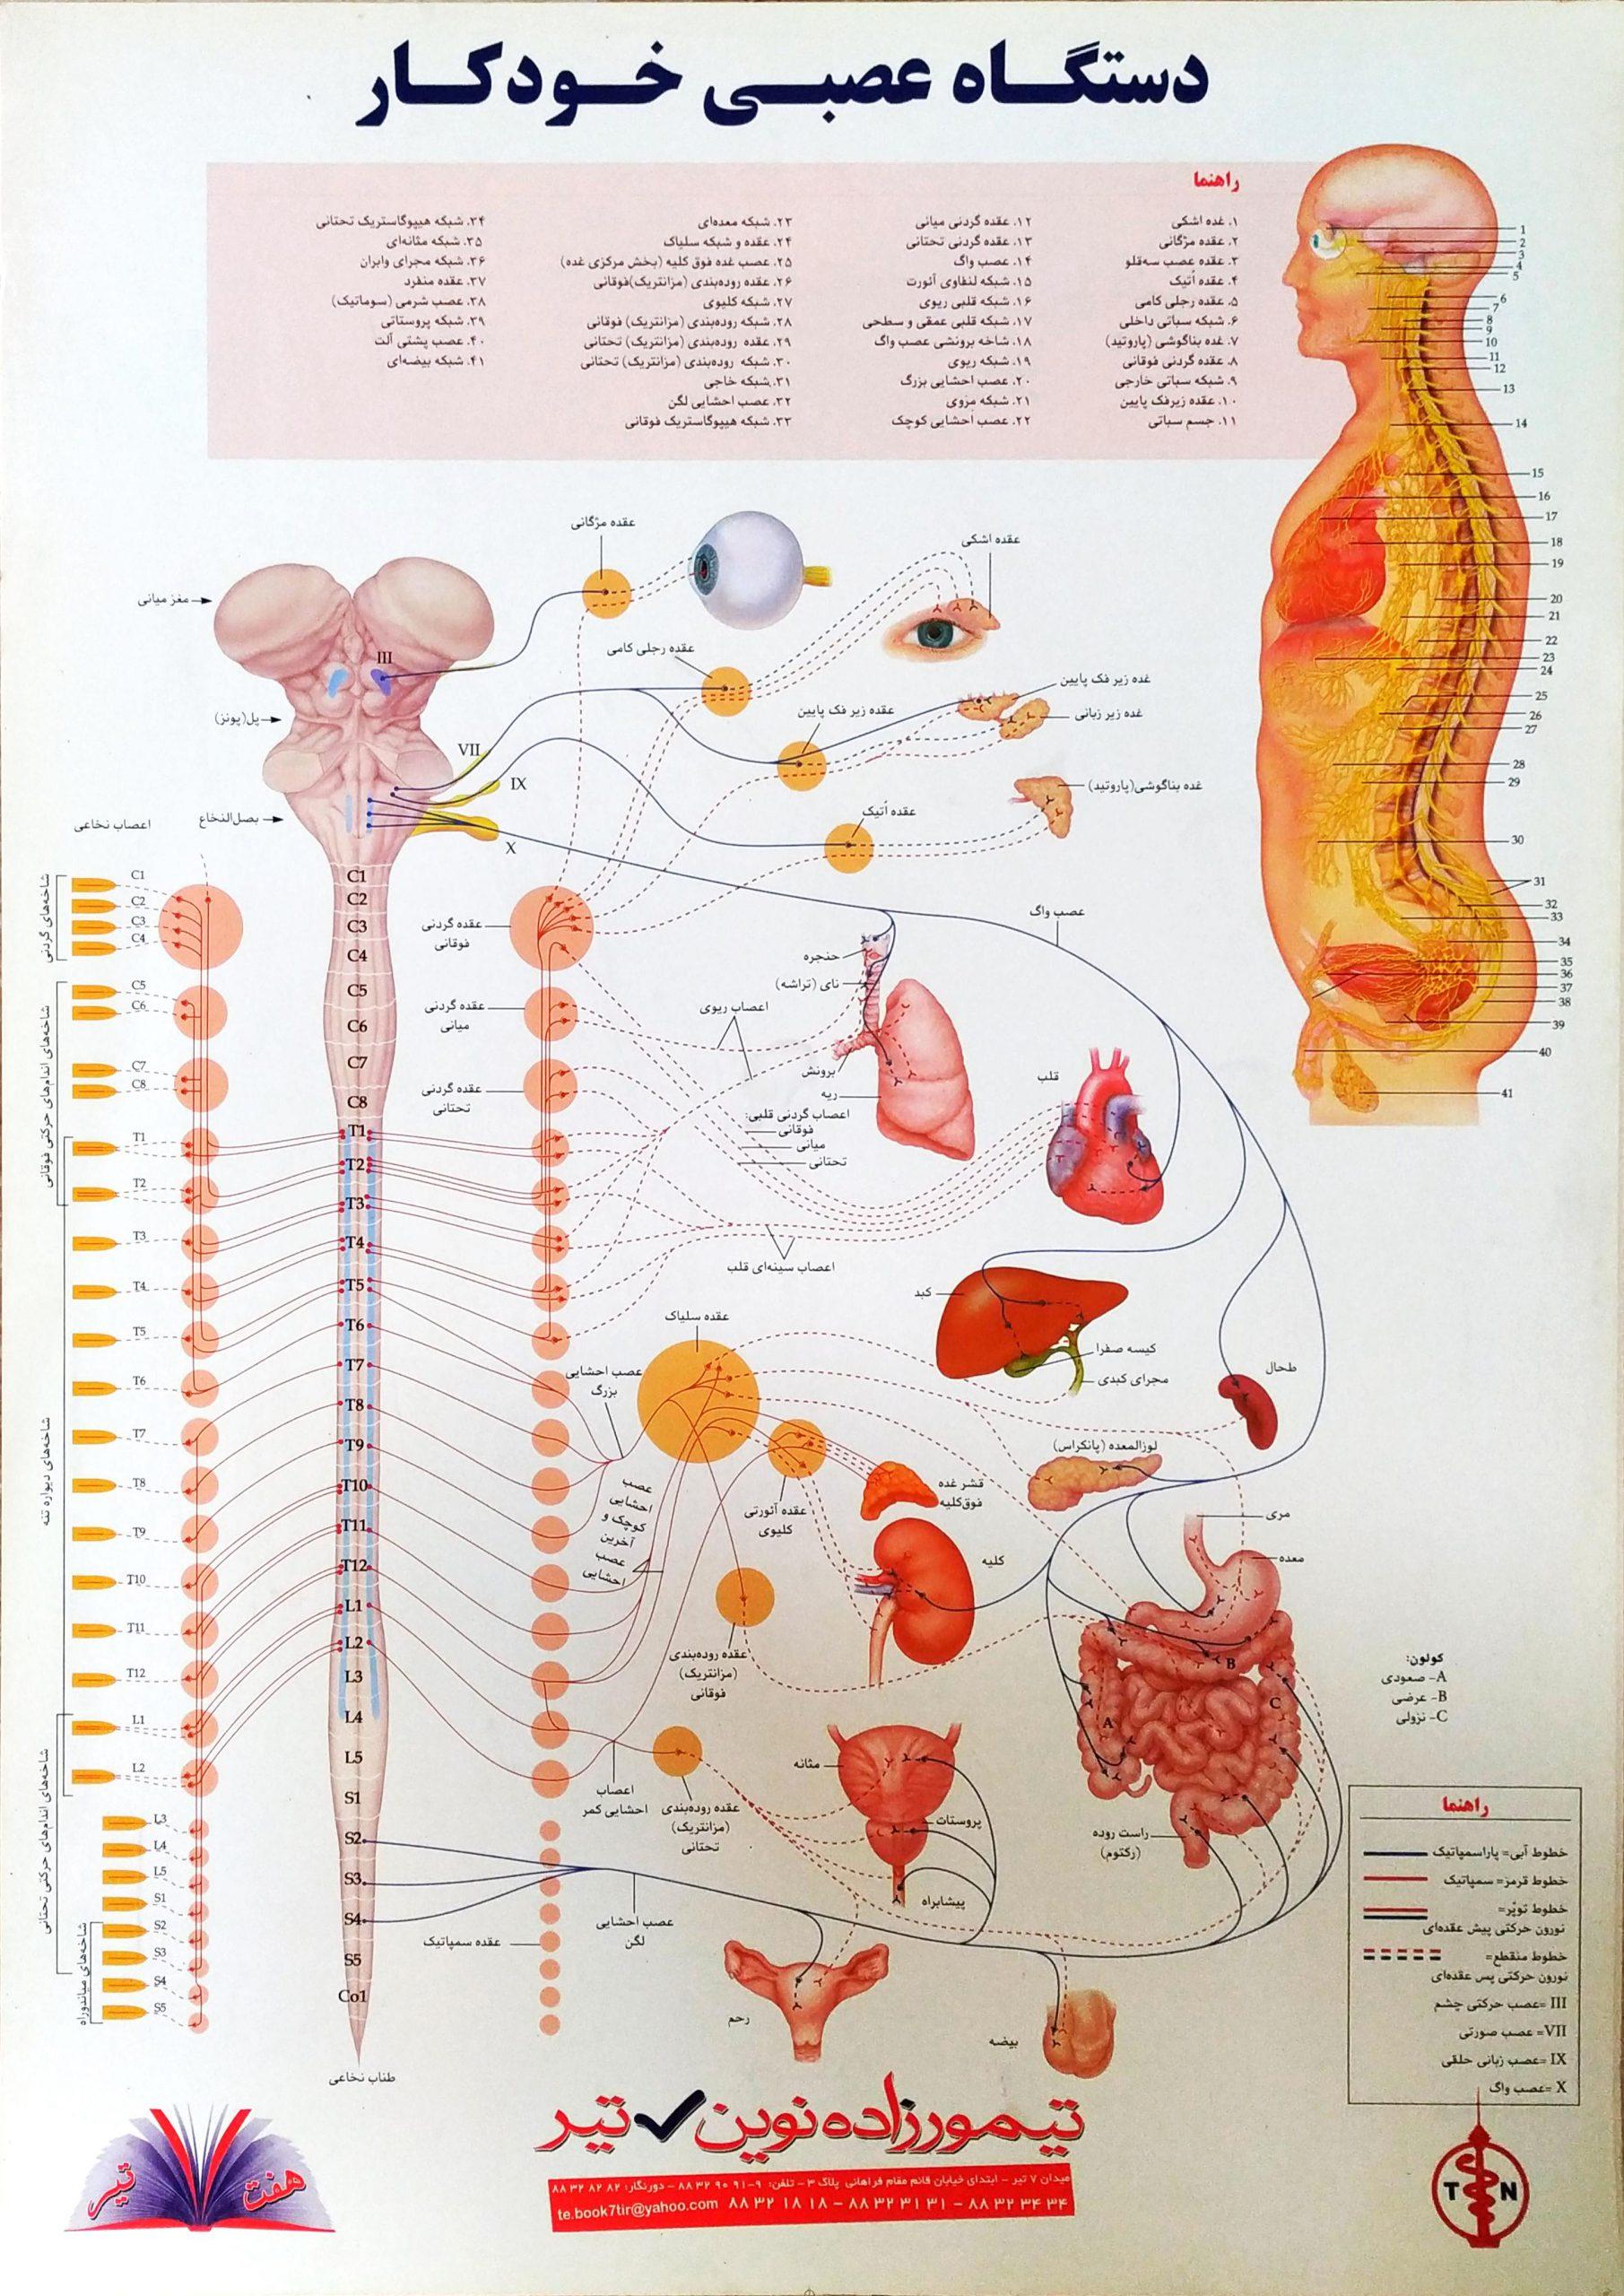 پوستر دستگاه عصبی خودکار